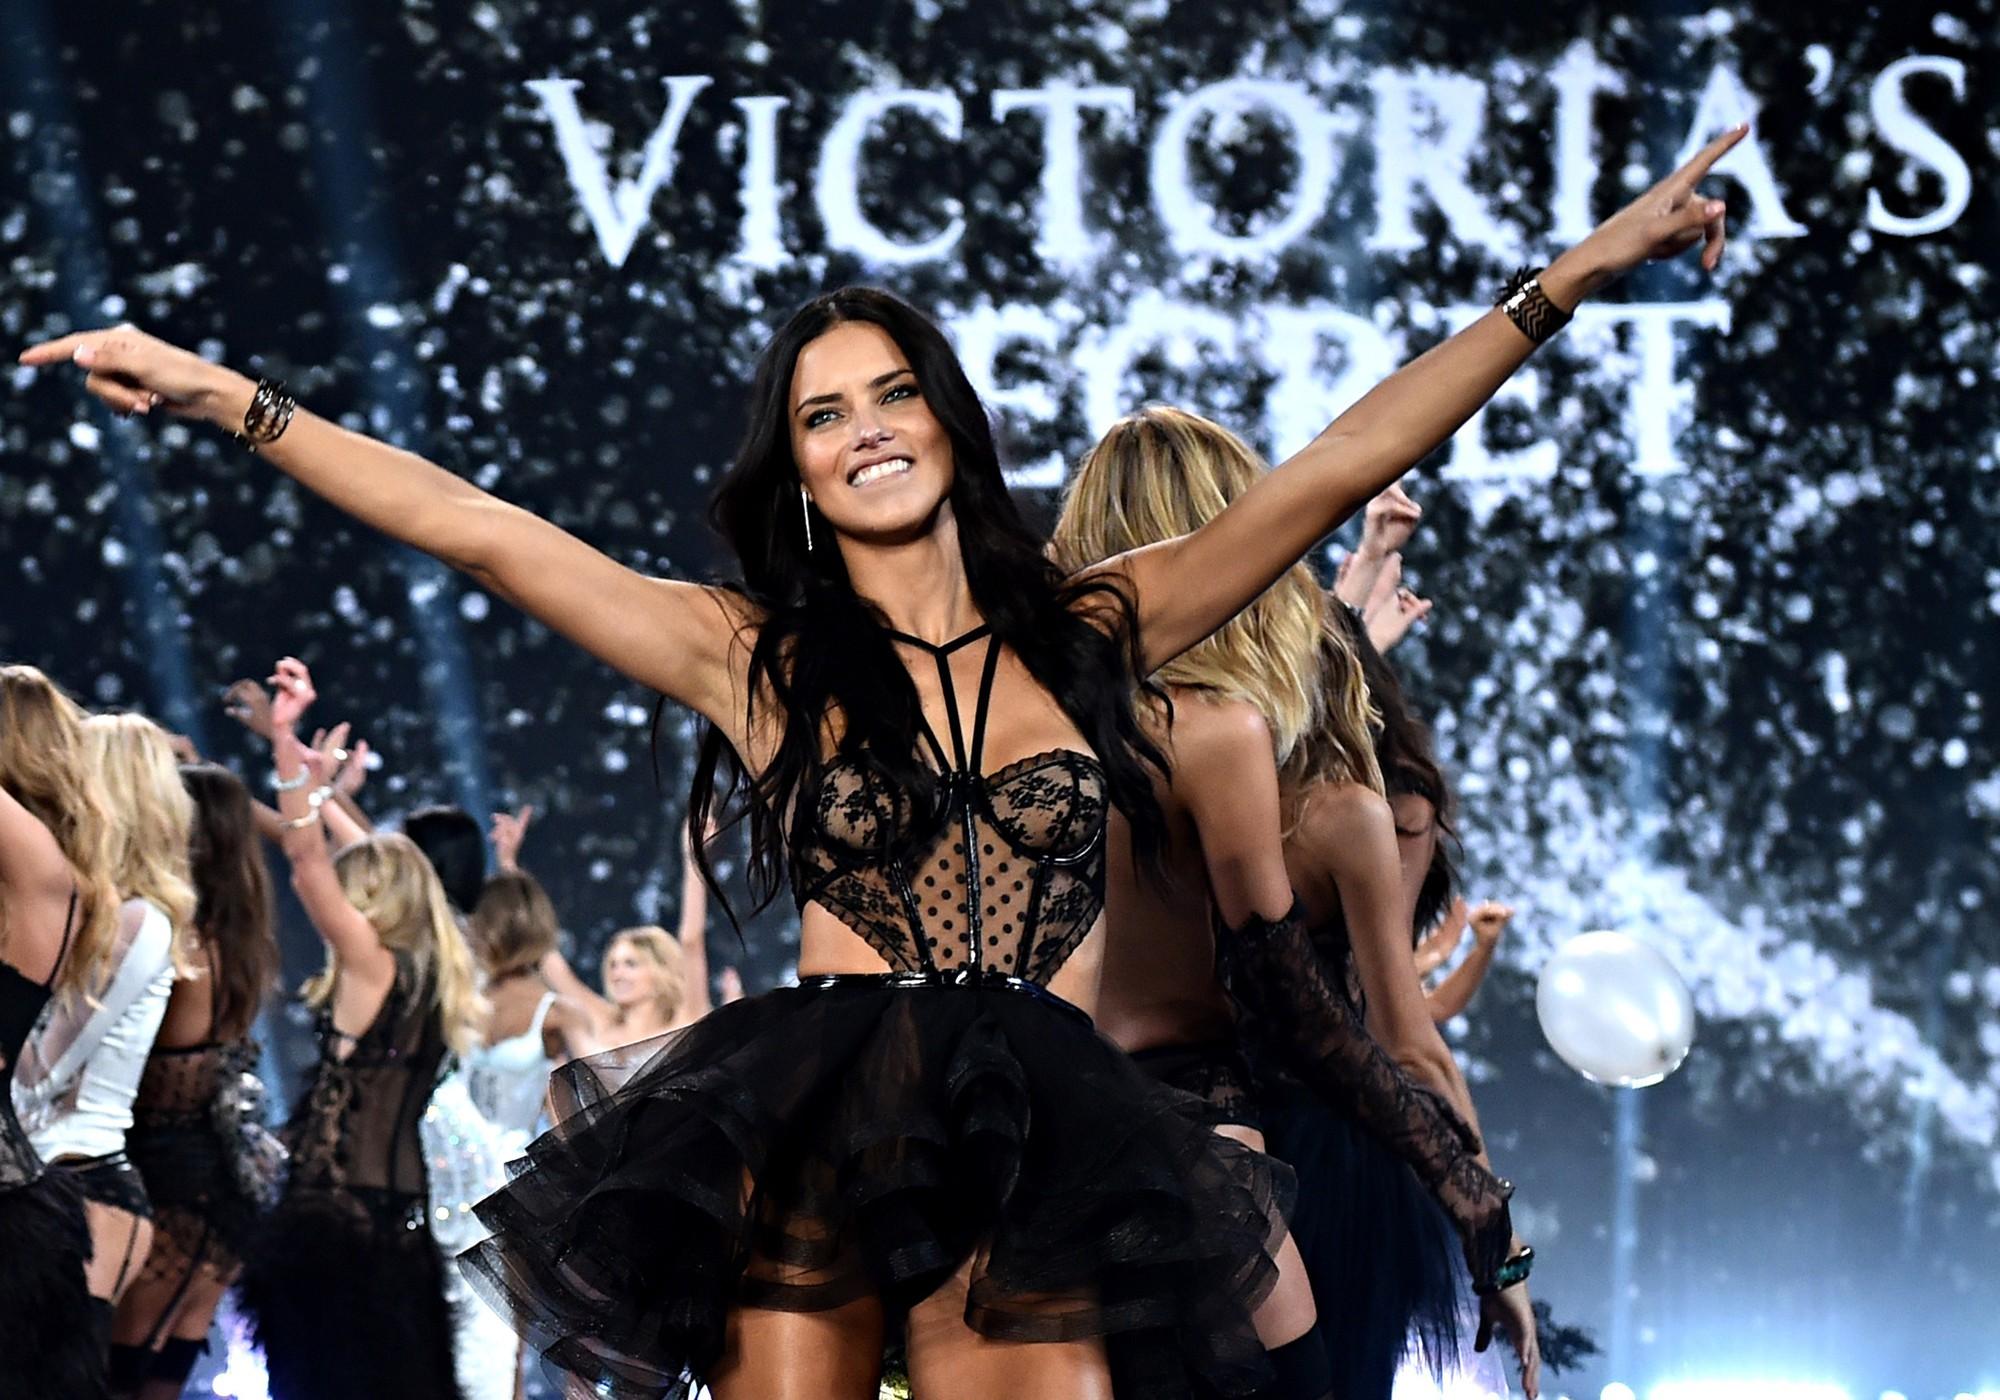 Bỏ theo dõi Instagram của Victoria's Secret cùng hàng loạt thiên thần, chị Đại Adriana Lima ẩn ý việc rời hãng? - Ảnh 6.